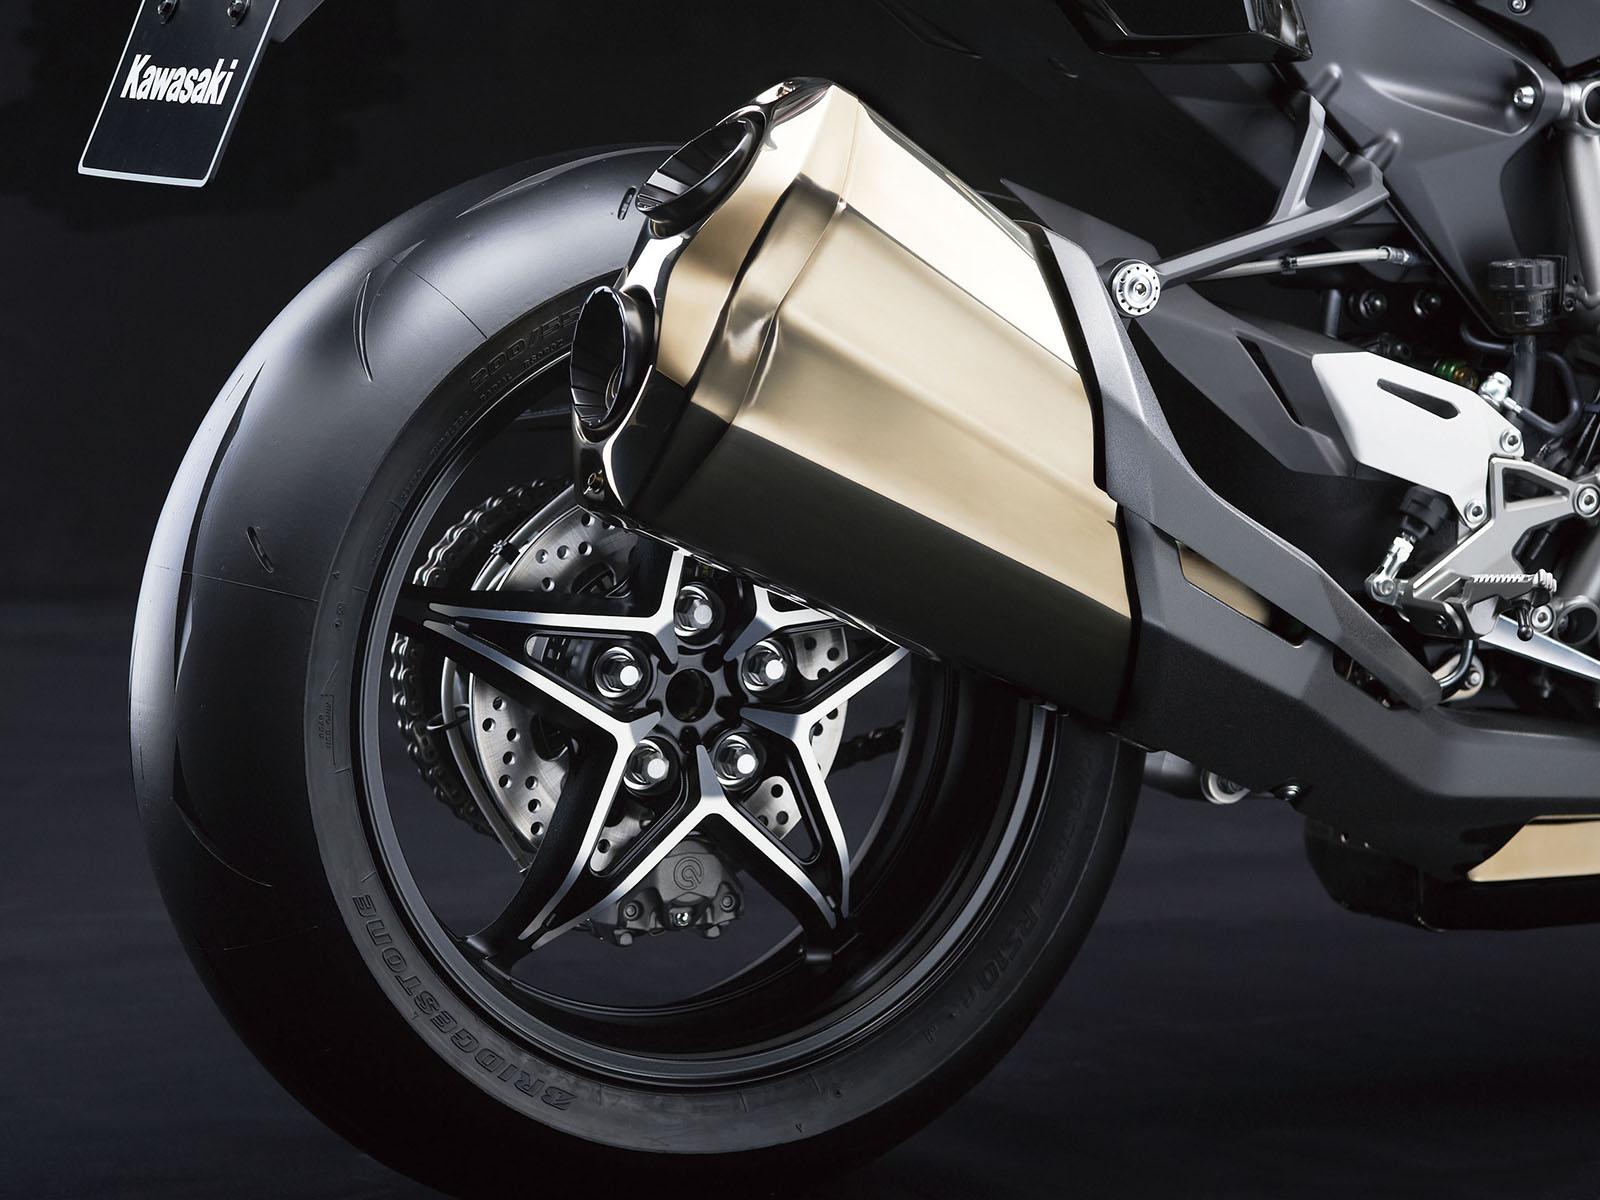 16_16ZX1000N_Rear_wheel